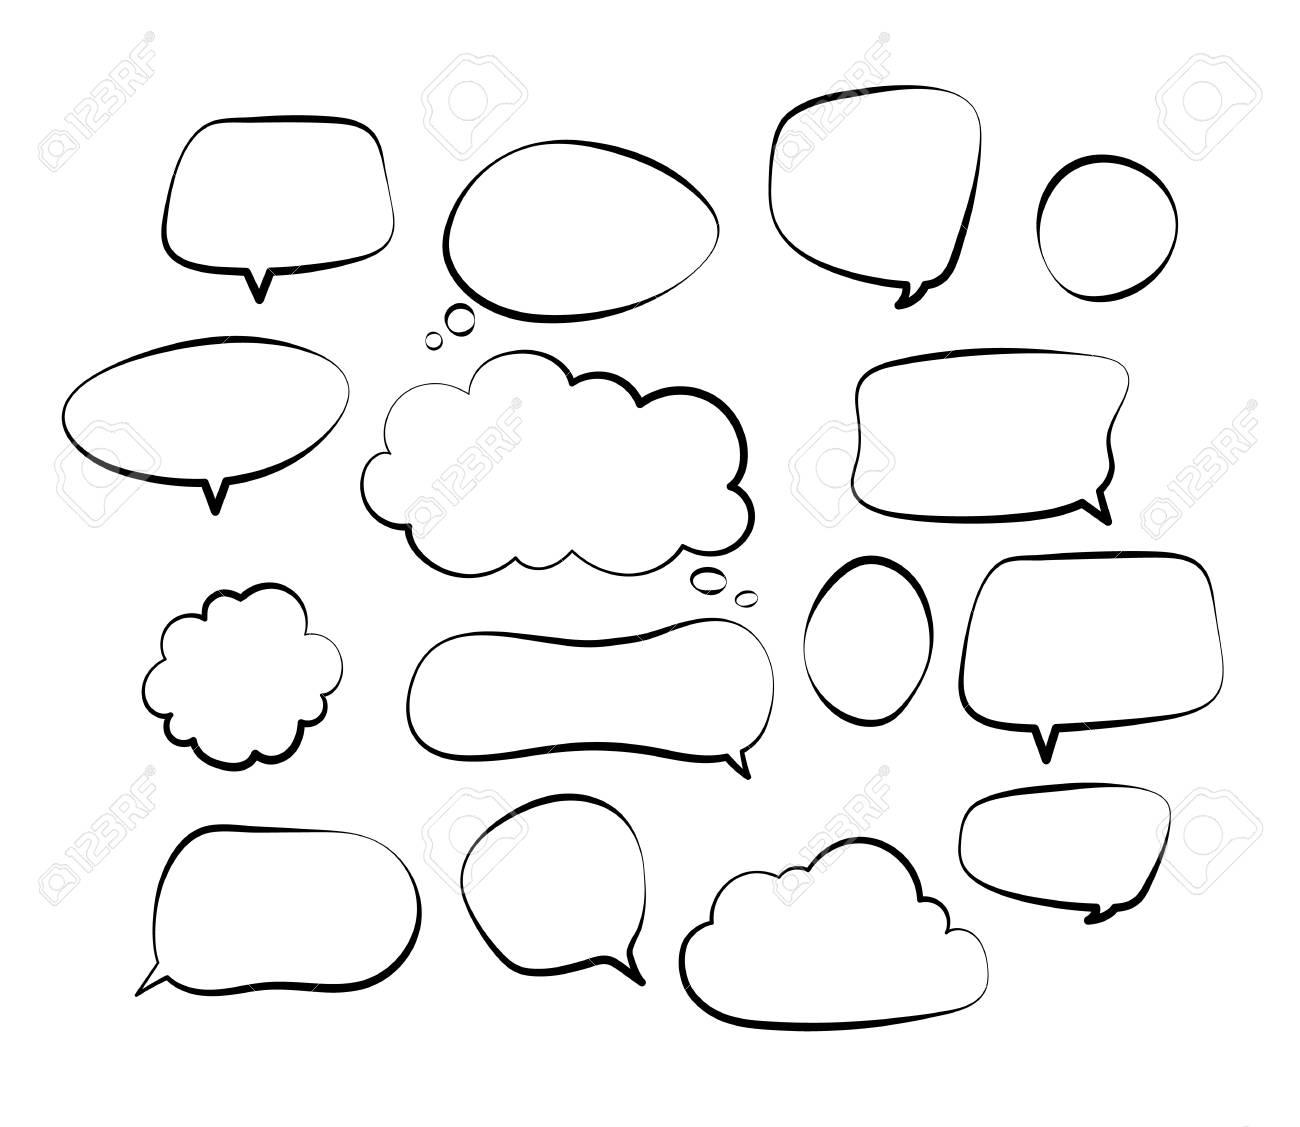 Outline speech bubbles. Doodle speech balloon sketch hand drawn scribble bubble talk cloud comic line retro shouting shapes vector set. Illustration of outline bubble speech for communication - 120906524